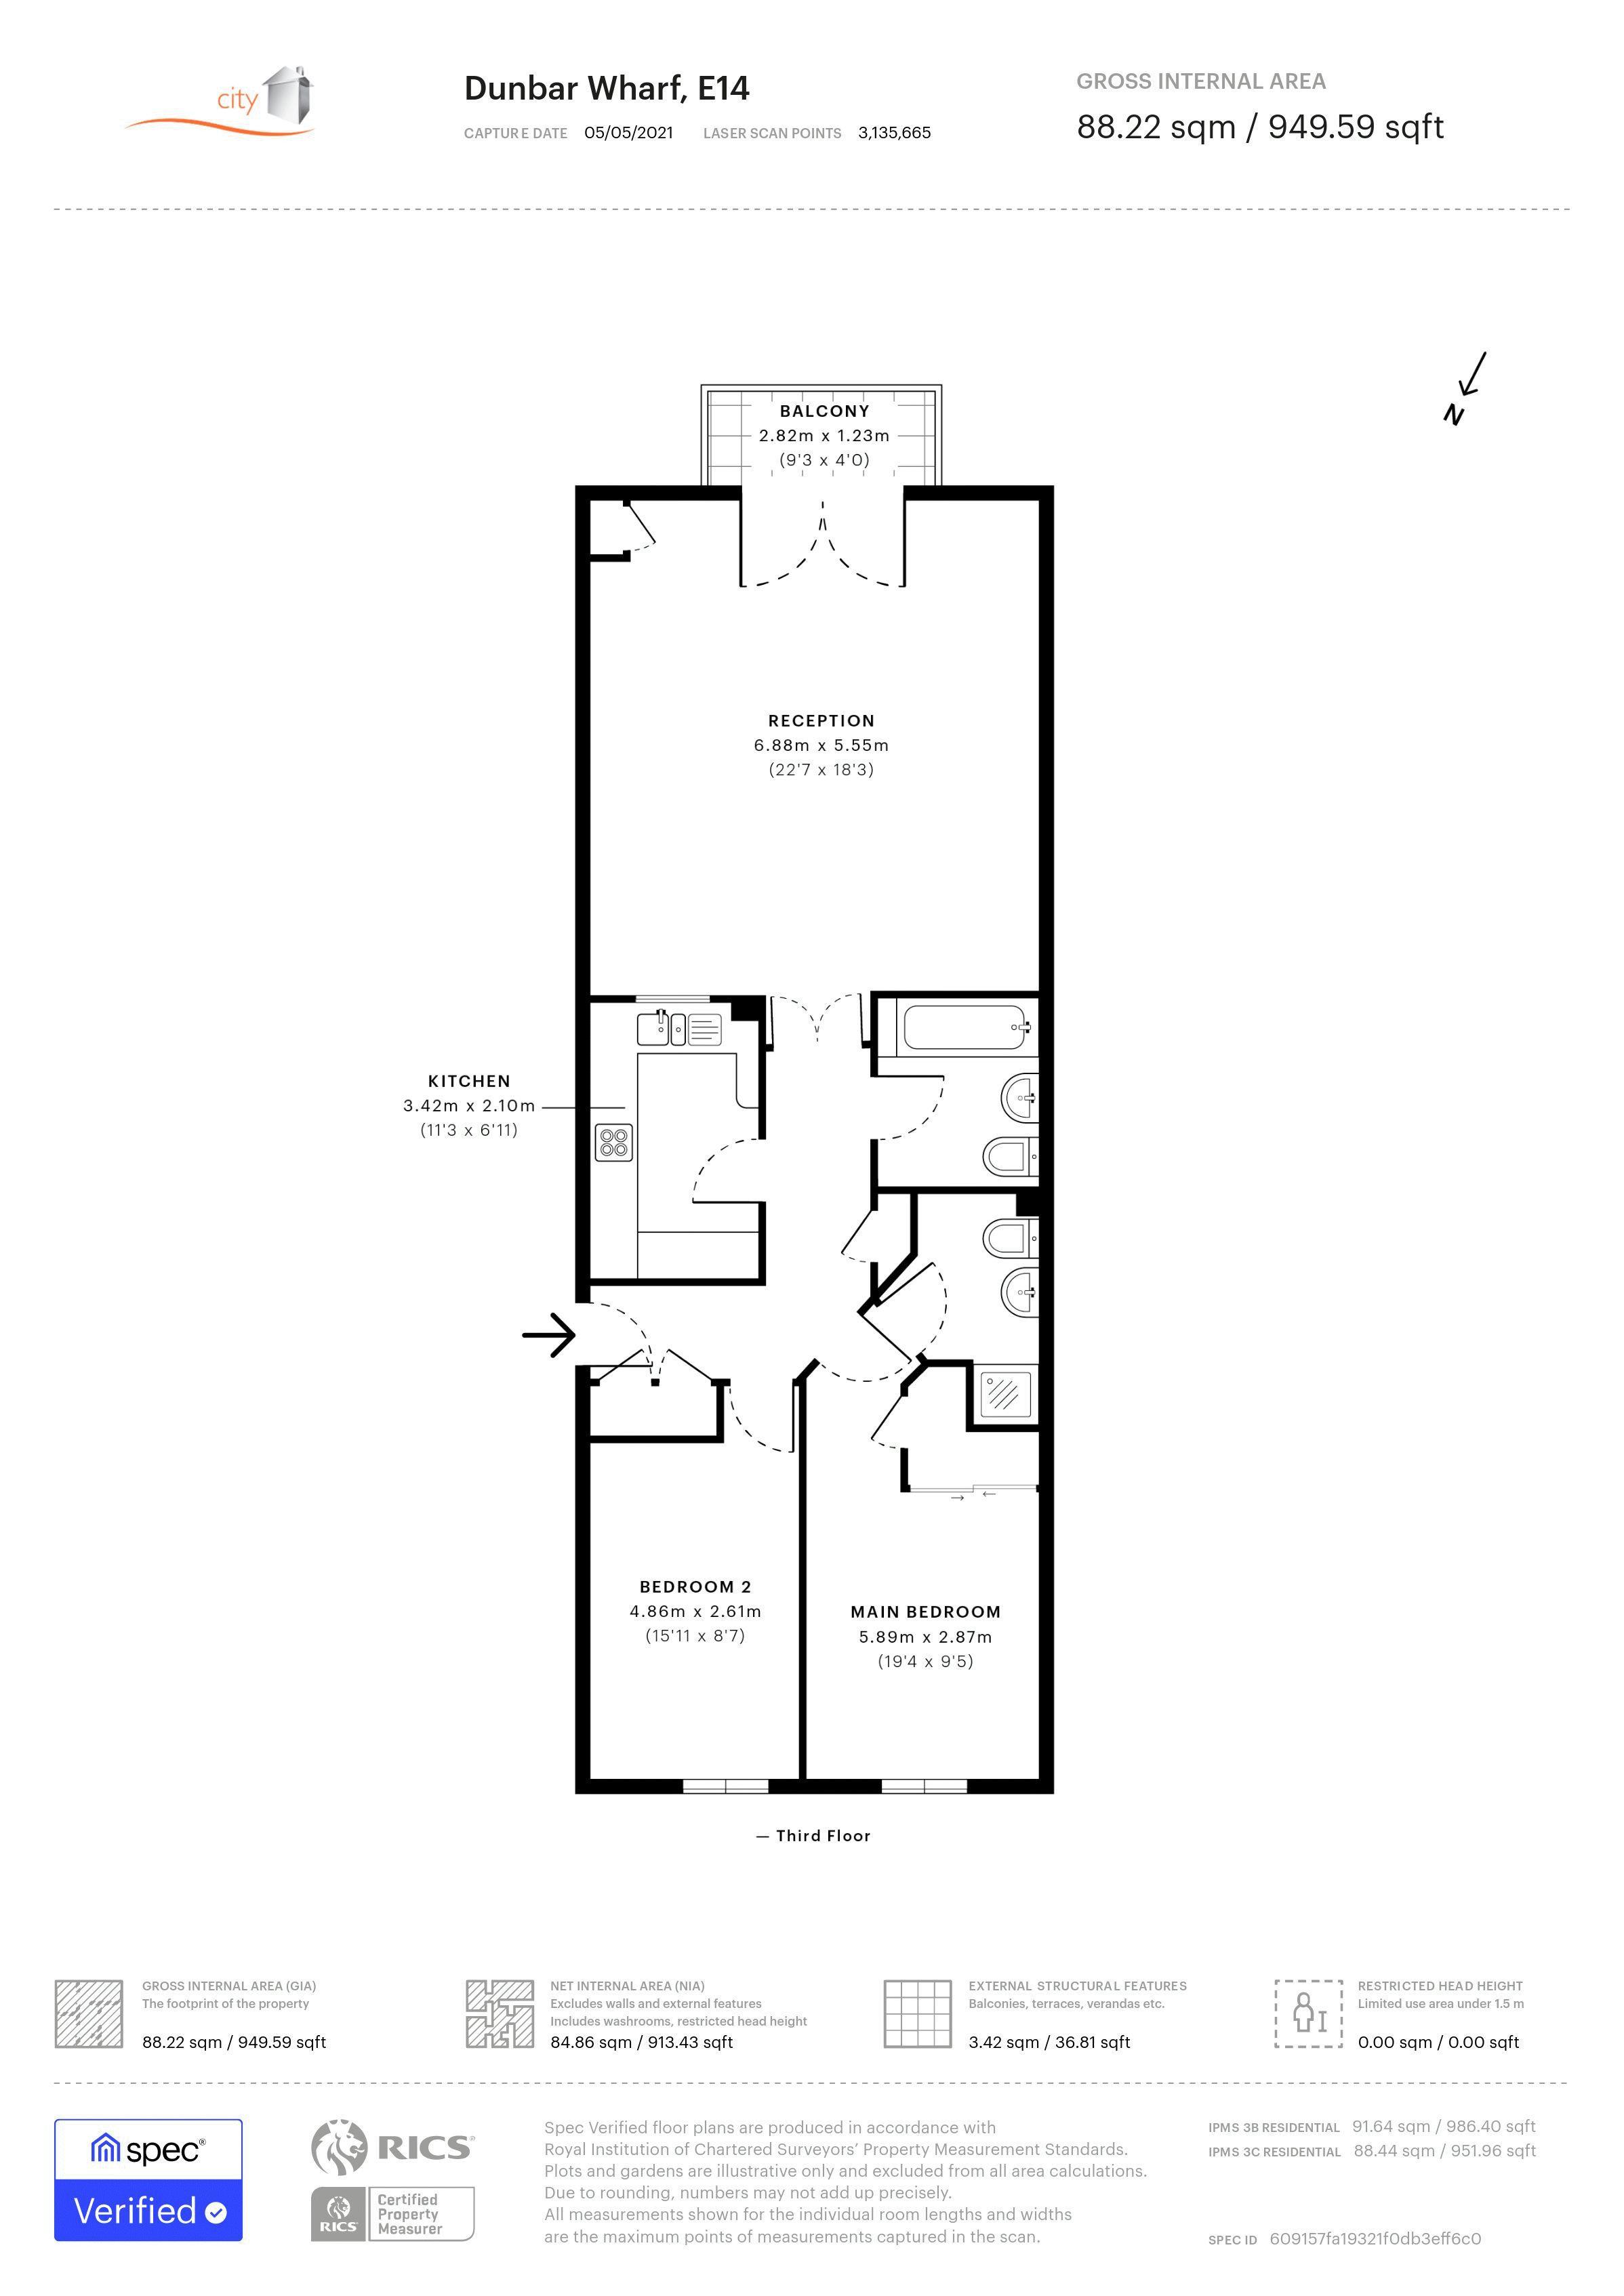 Dunbar Floor plan